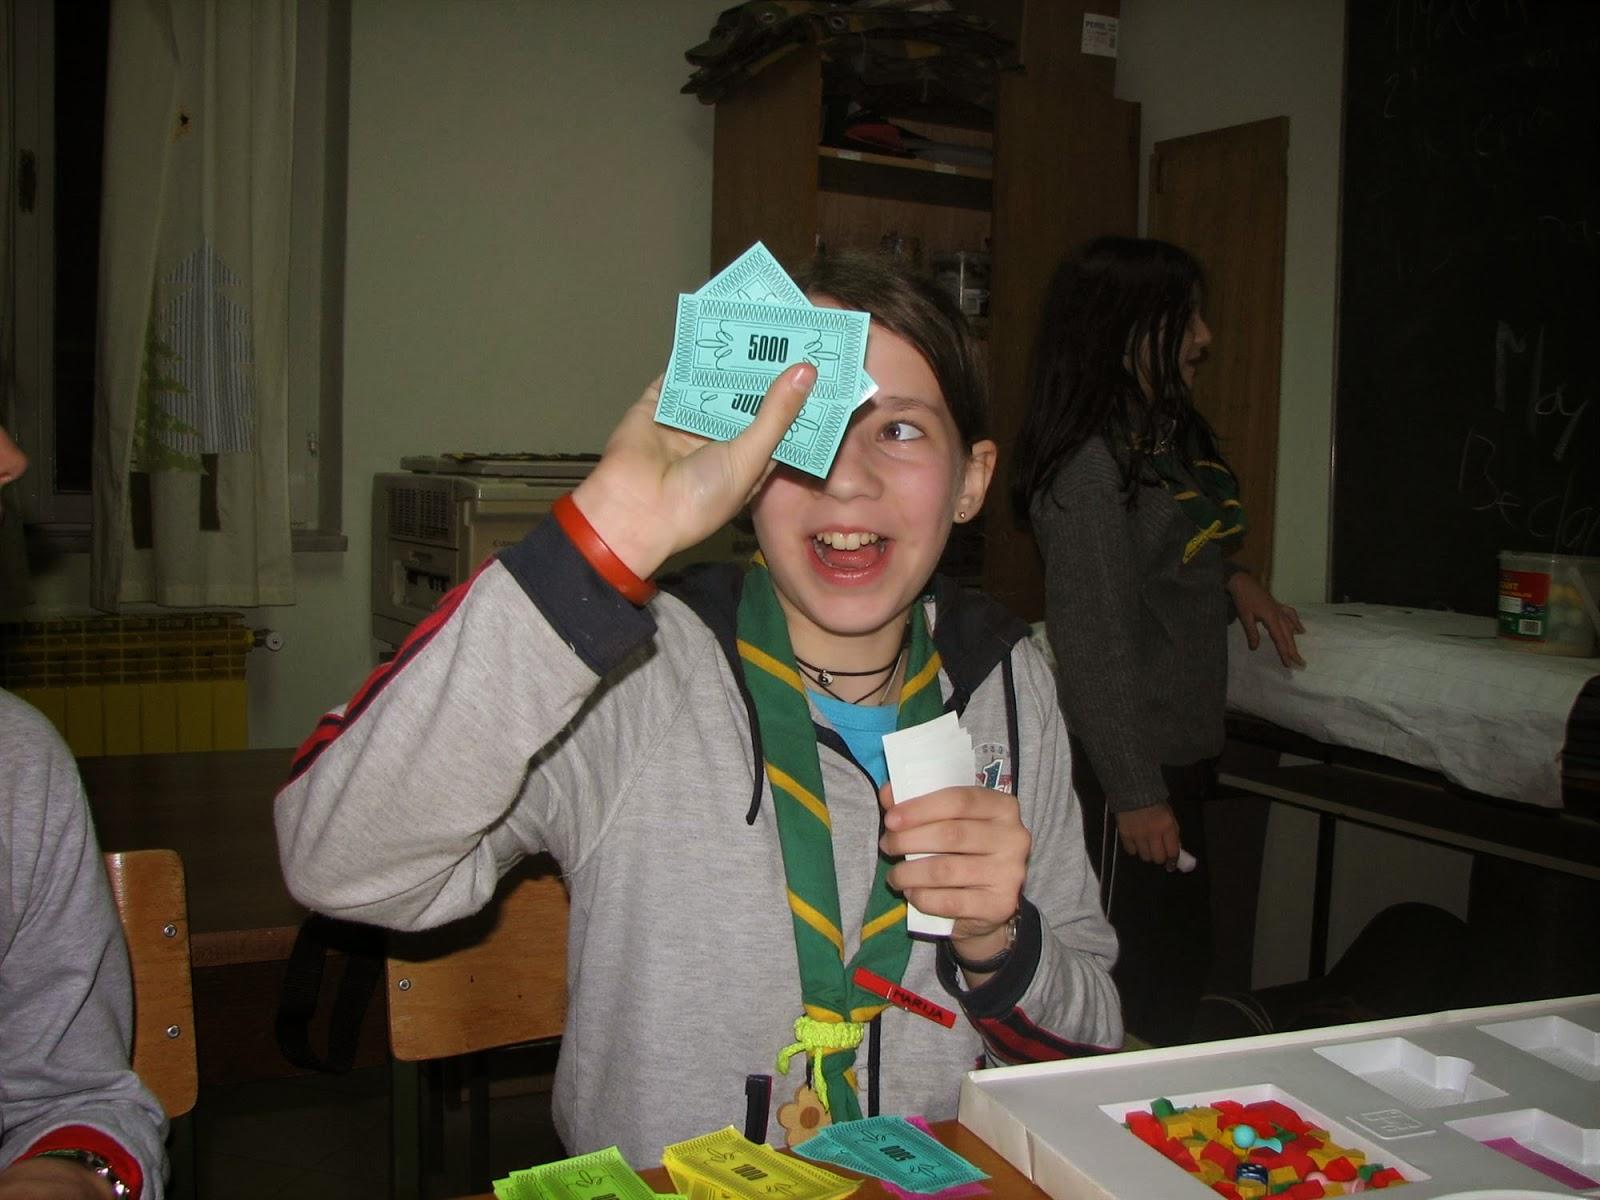 Večer družabnih iger, Ilirska Bistrica 2006 - vecer%2Bdruzabnih%2Biger%2B06%2B009.jpg